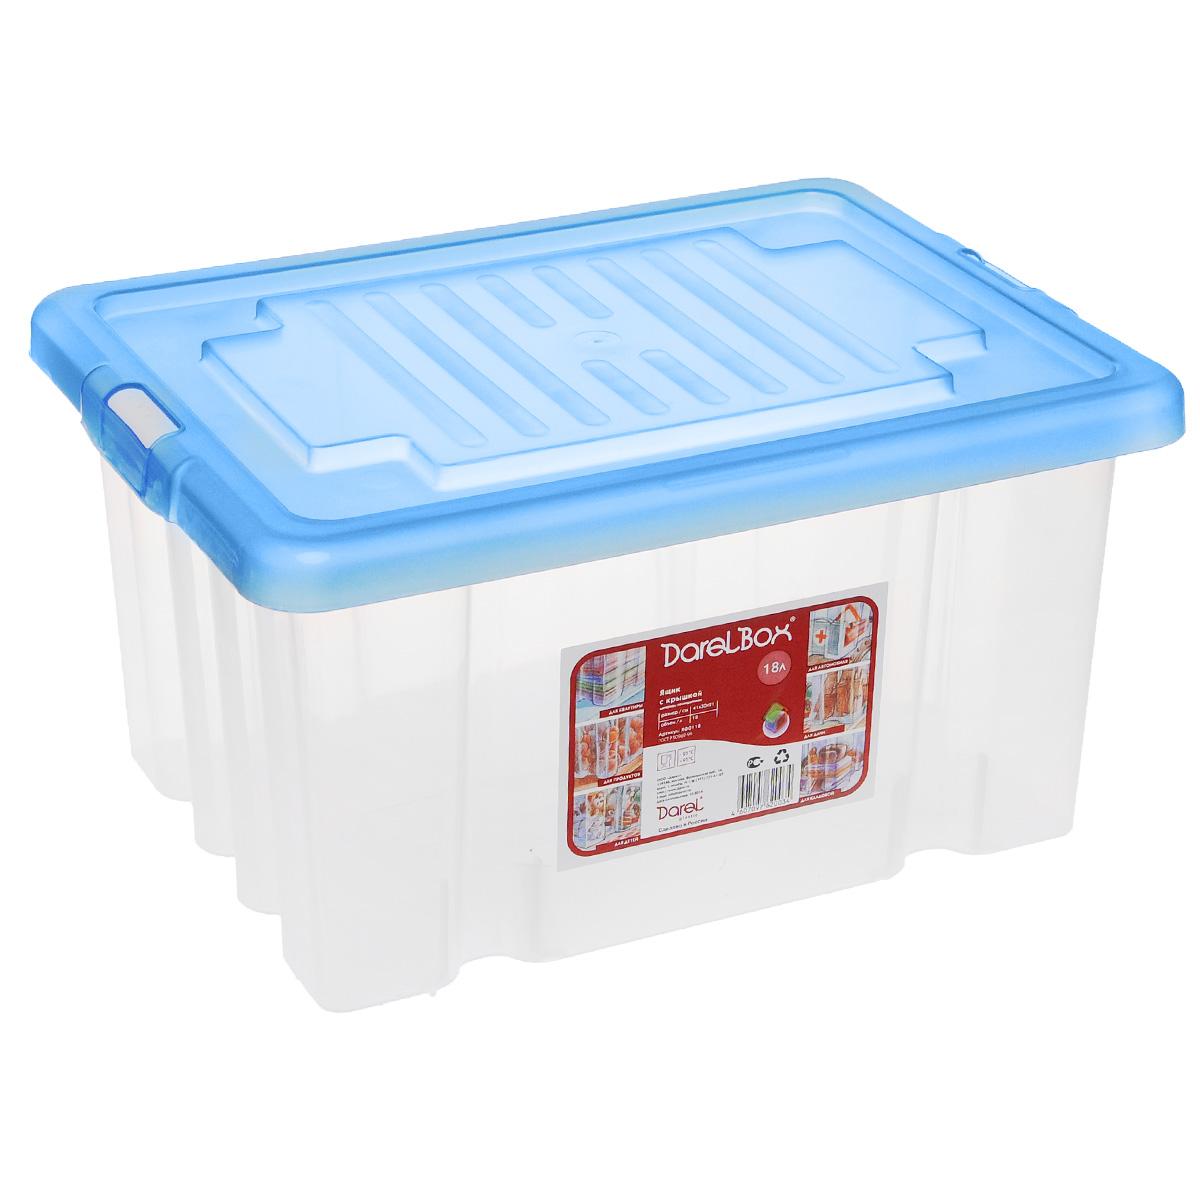 """Ящик """"Darel Box"""", изготовленный из прозрачного пластика, оснащен плотно закрывающейся крышкой. Изделие предназначено для хранения различных бытовых вещей. Идеально подойдет для хранения белья, продуктов, игрушек. Будет незаменим на даче, в гараже или кладовой. Выдерживает температурные перепады от -25°С до +95°С.Размер ящика: 40 см х 30 см х 21 см."""